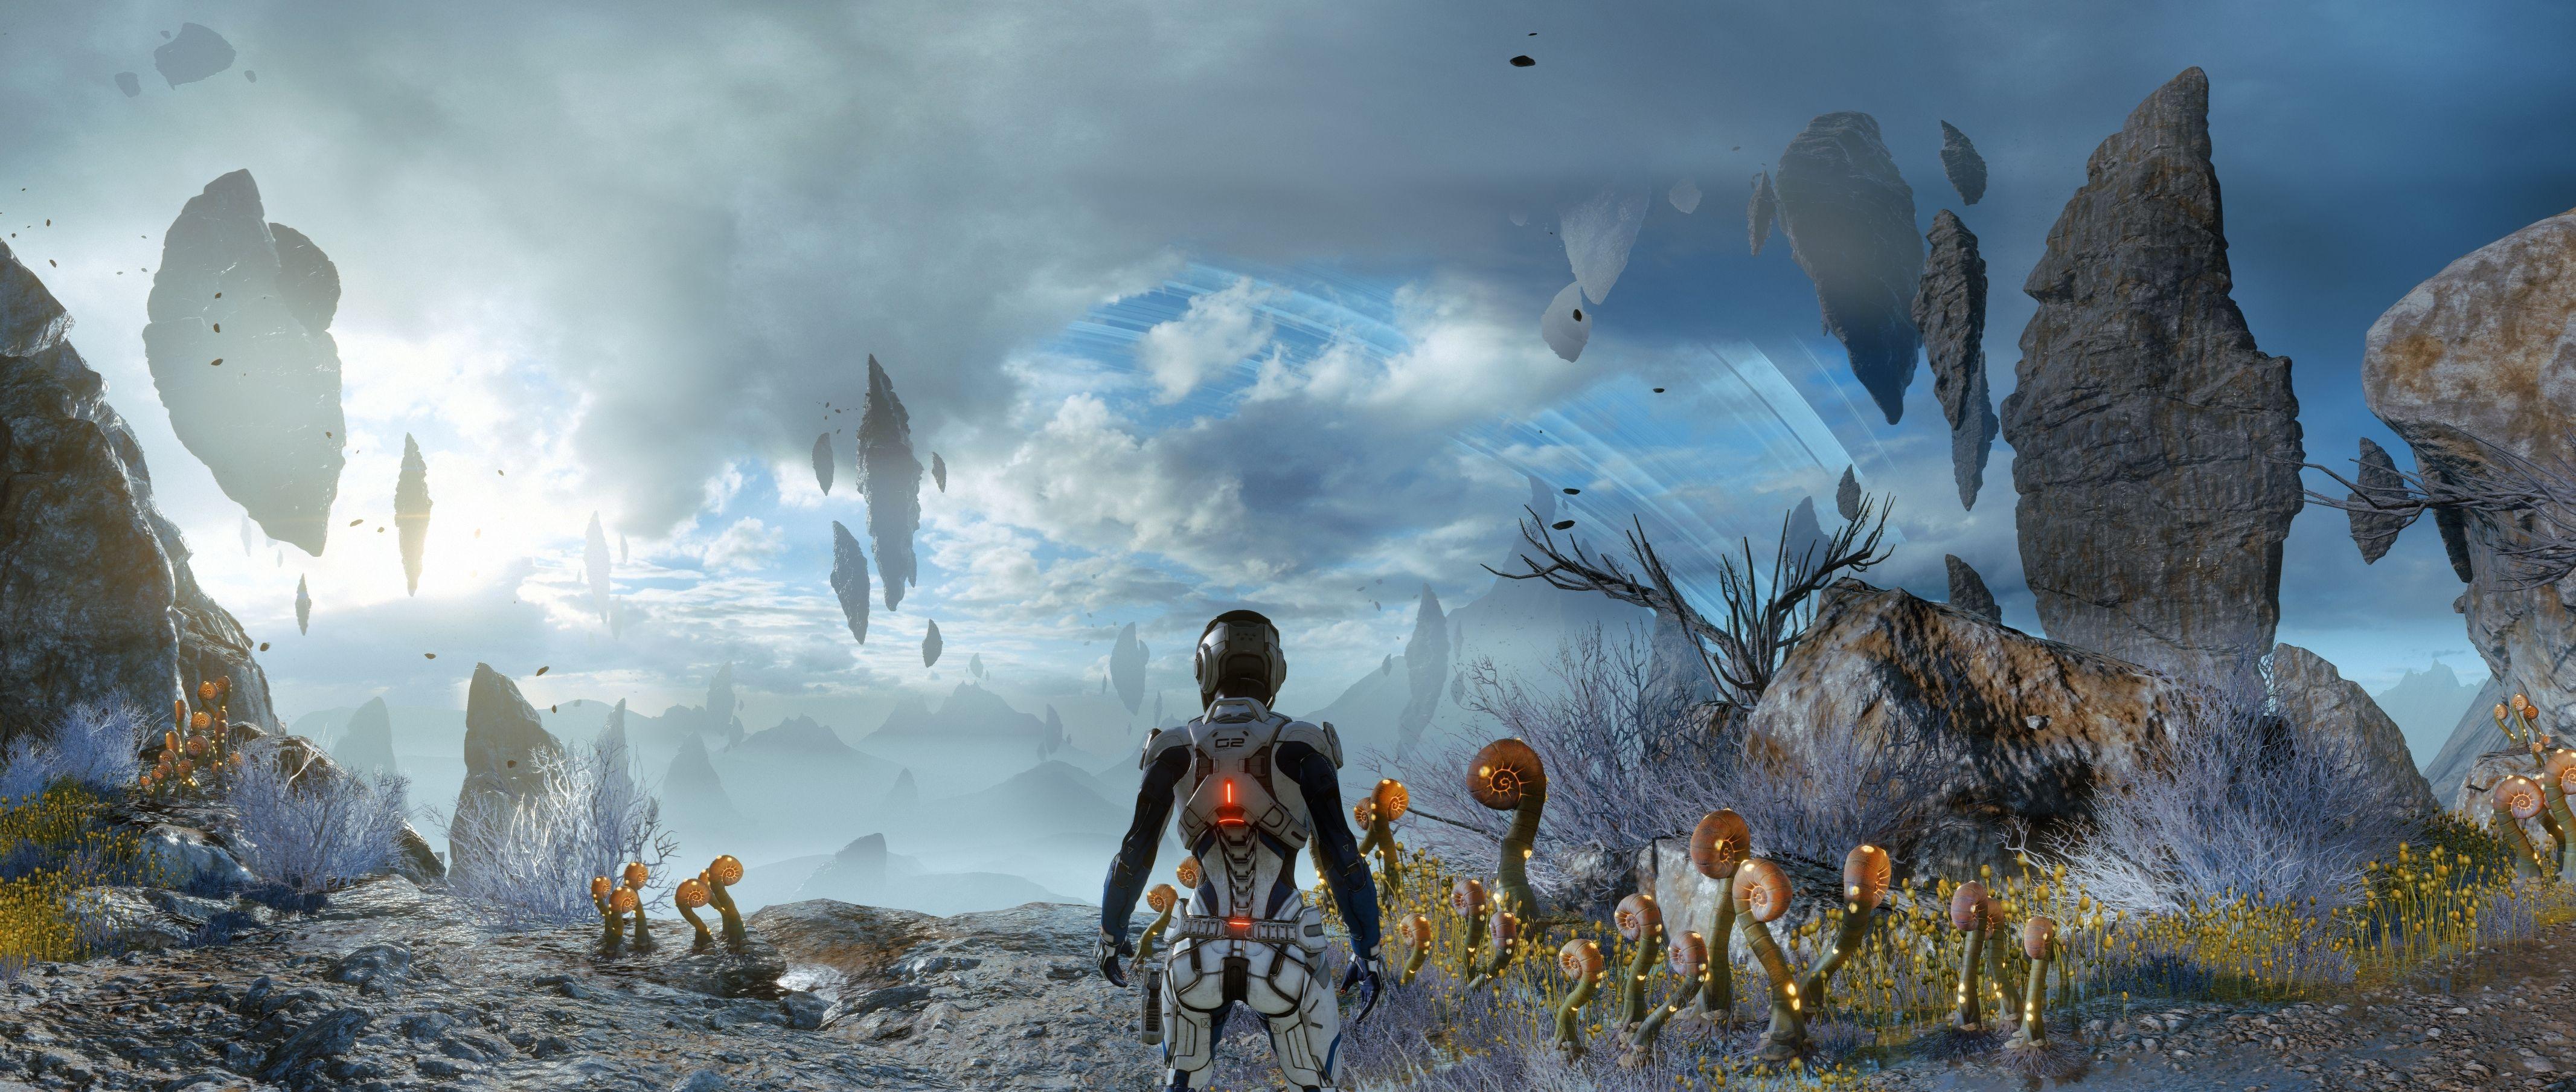 Bioware Videospiele